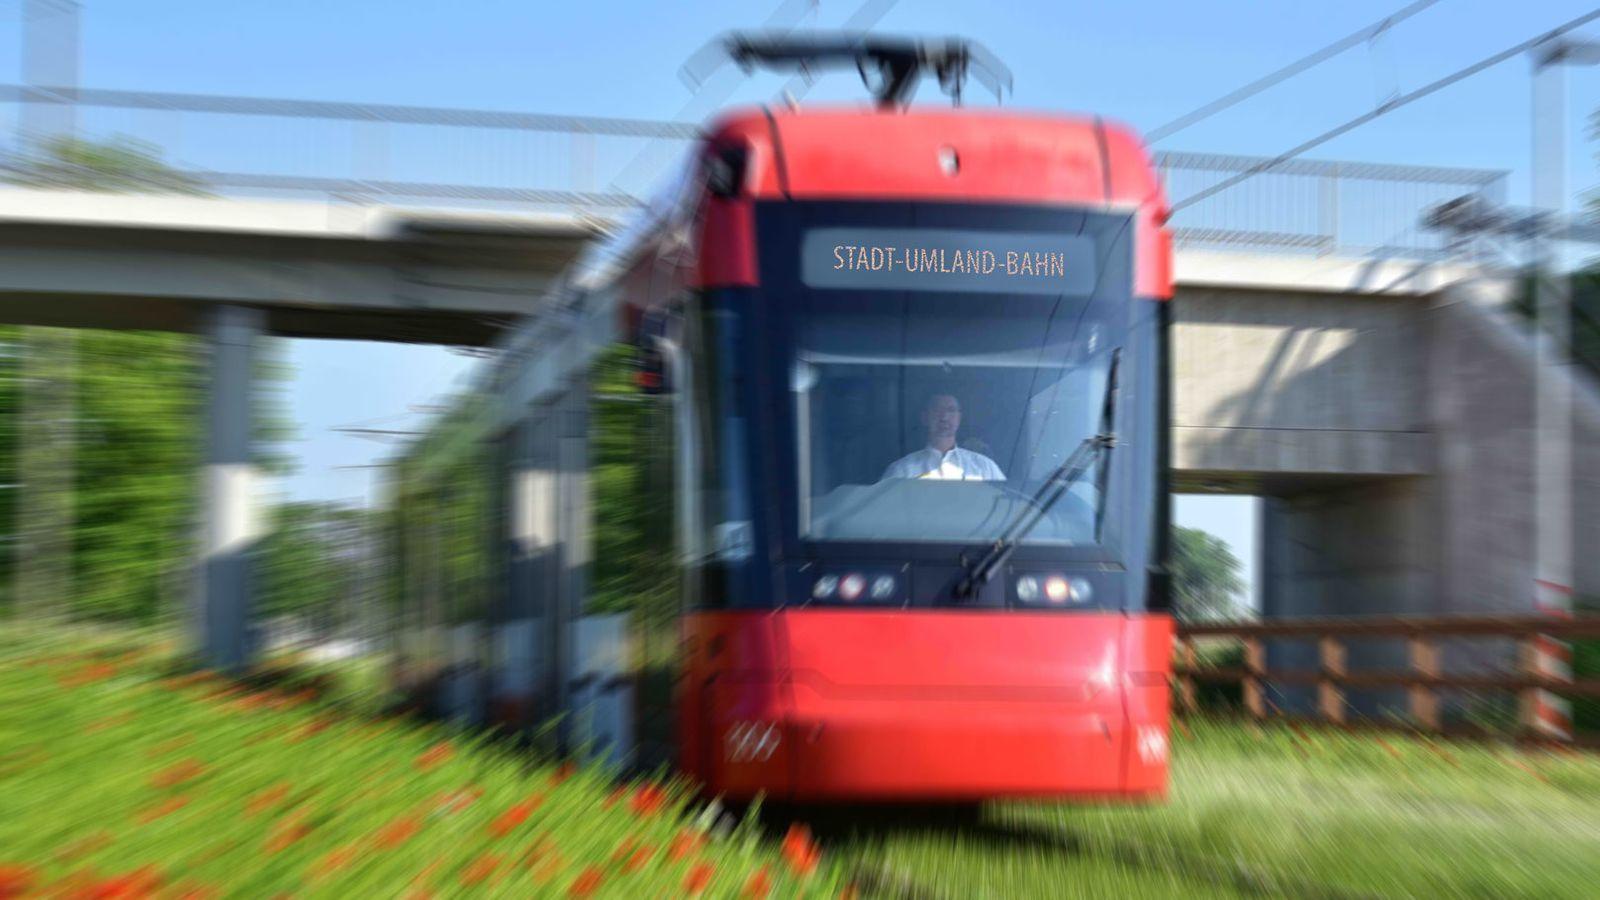 Stadt-Umland-Bahn: Weichenstellung im Wahlkampf